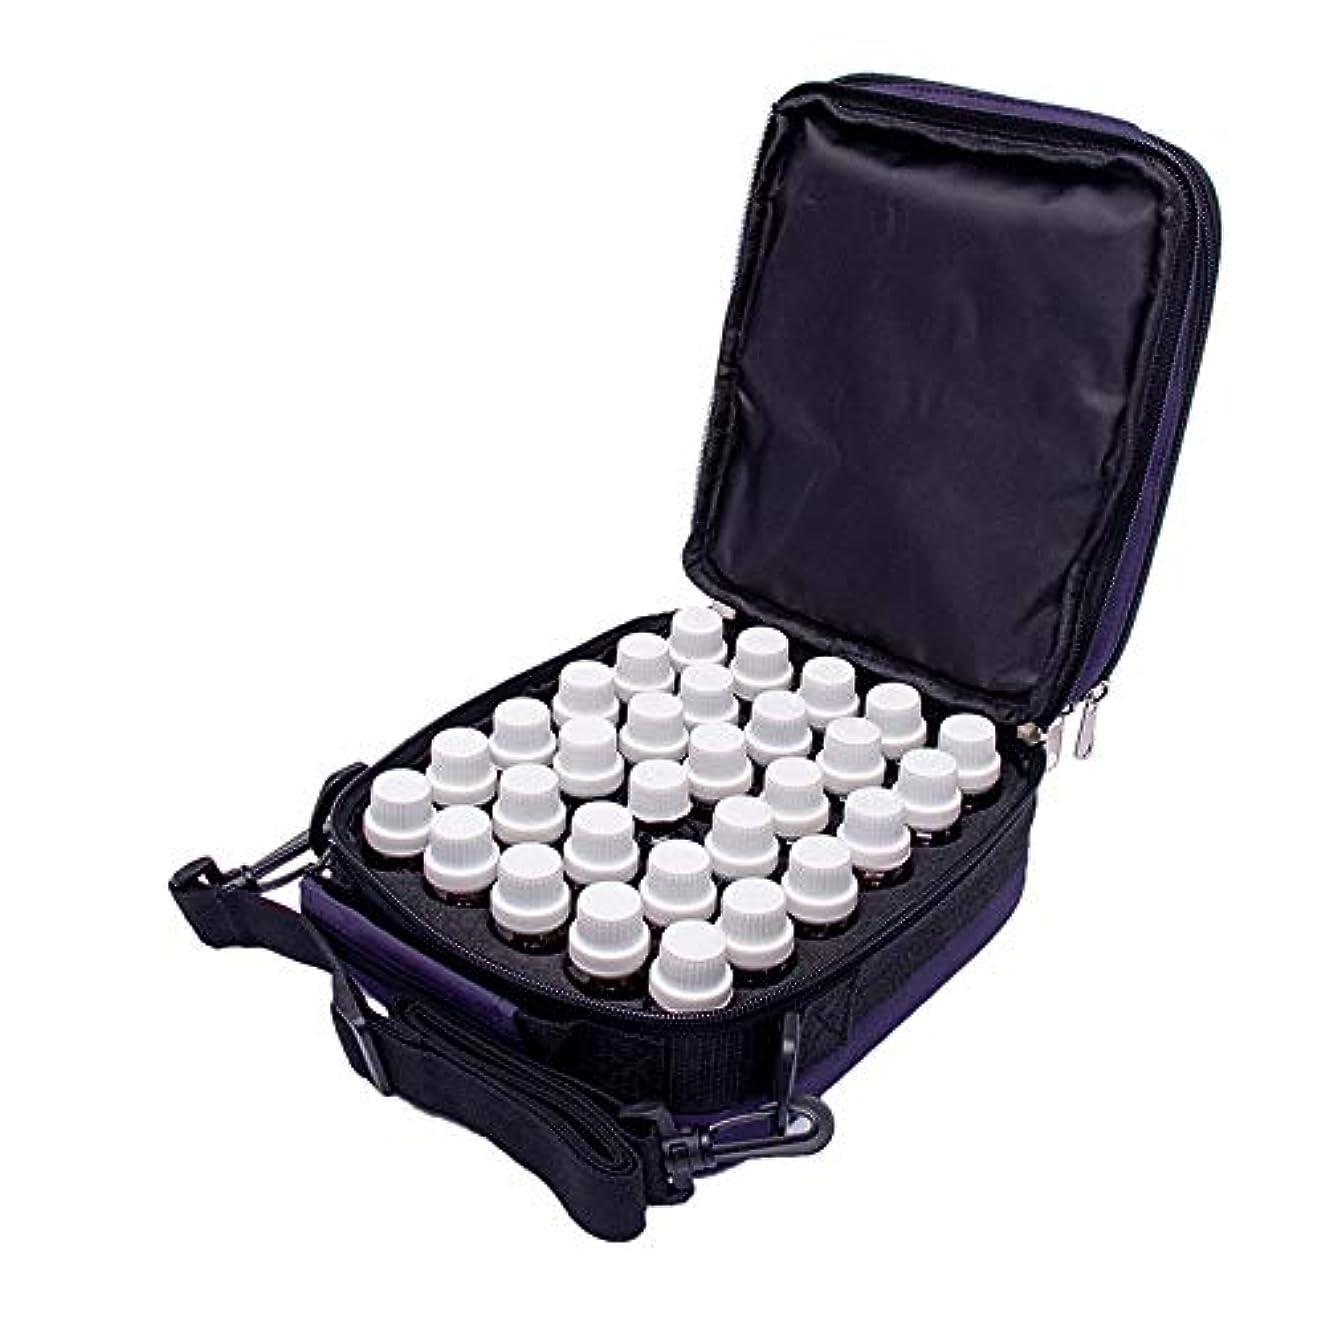 ペンスベスビオ山送金エッセンシャルオイルストレージボックス 5?10mlのバイアルパープルボトル用ケーストートバッグキャリング42ボトルエッセンシャルオイルディフューザー 旅行およびプレゼンテーション用 (色 : 紫の, サイズ : 18X13X21CM)